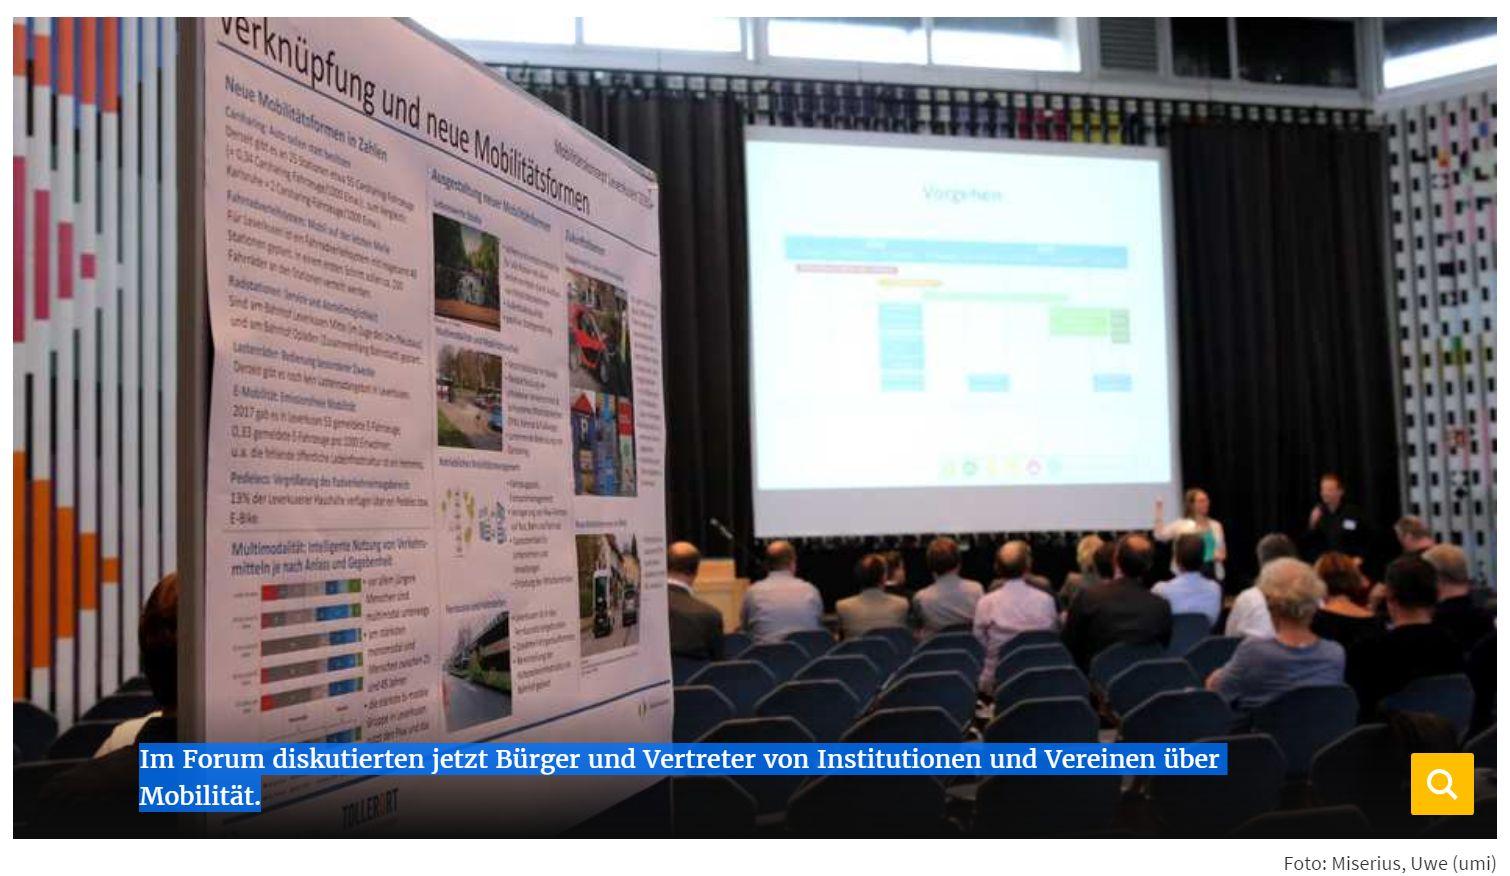 2018-09-06-Im Forum diskutierten jetzt Bürger und Vertreter von Institutionen und Vereinen über Mobilität. - ©-Foto Miserius, Uwe (umi)